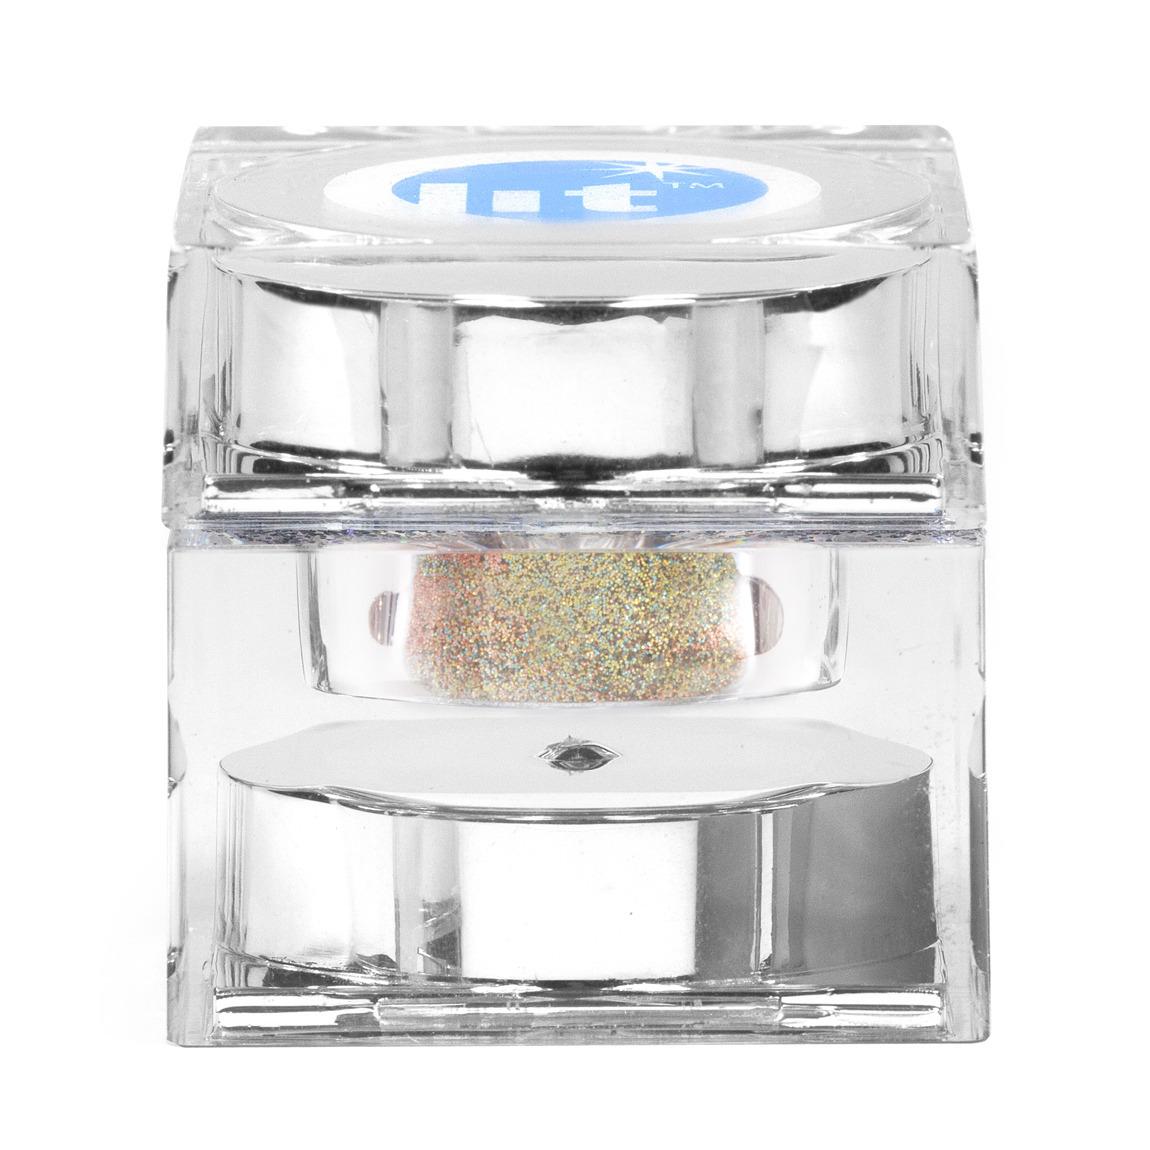 Lit Cosmetics Lit Glitter Glitter Junkie S2 alternative view 1.